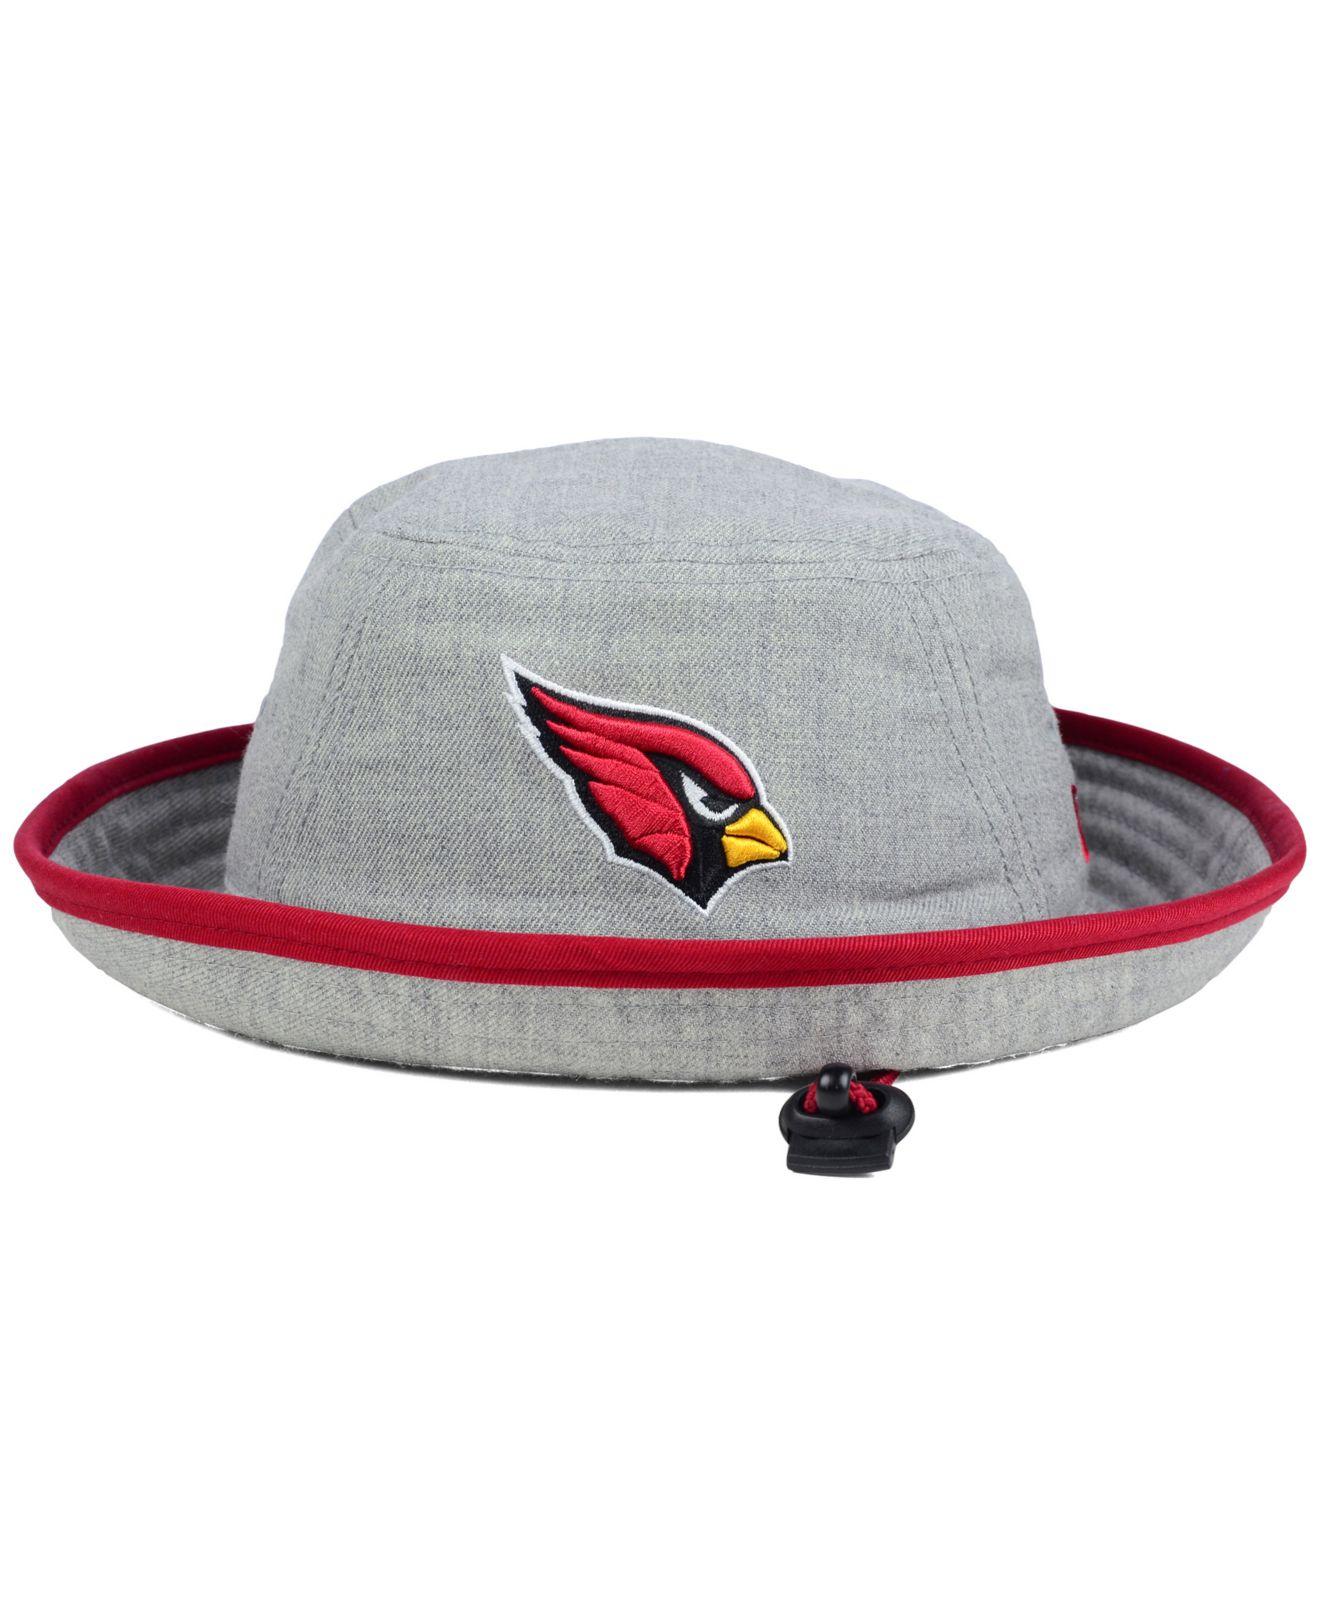 Lyst  Ktz Arizona Cardinals Nfl Heather Gray Bucket Hat in Gray for Men